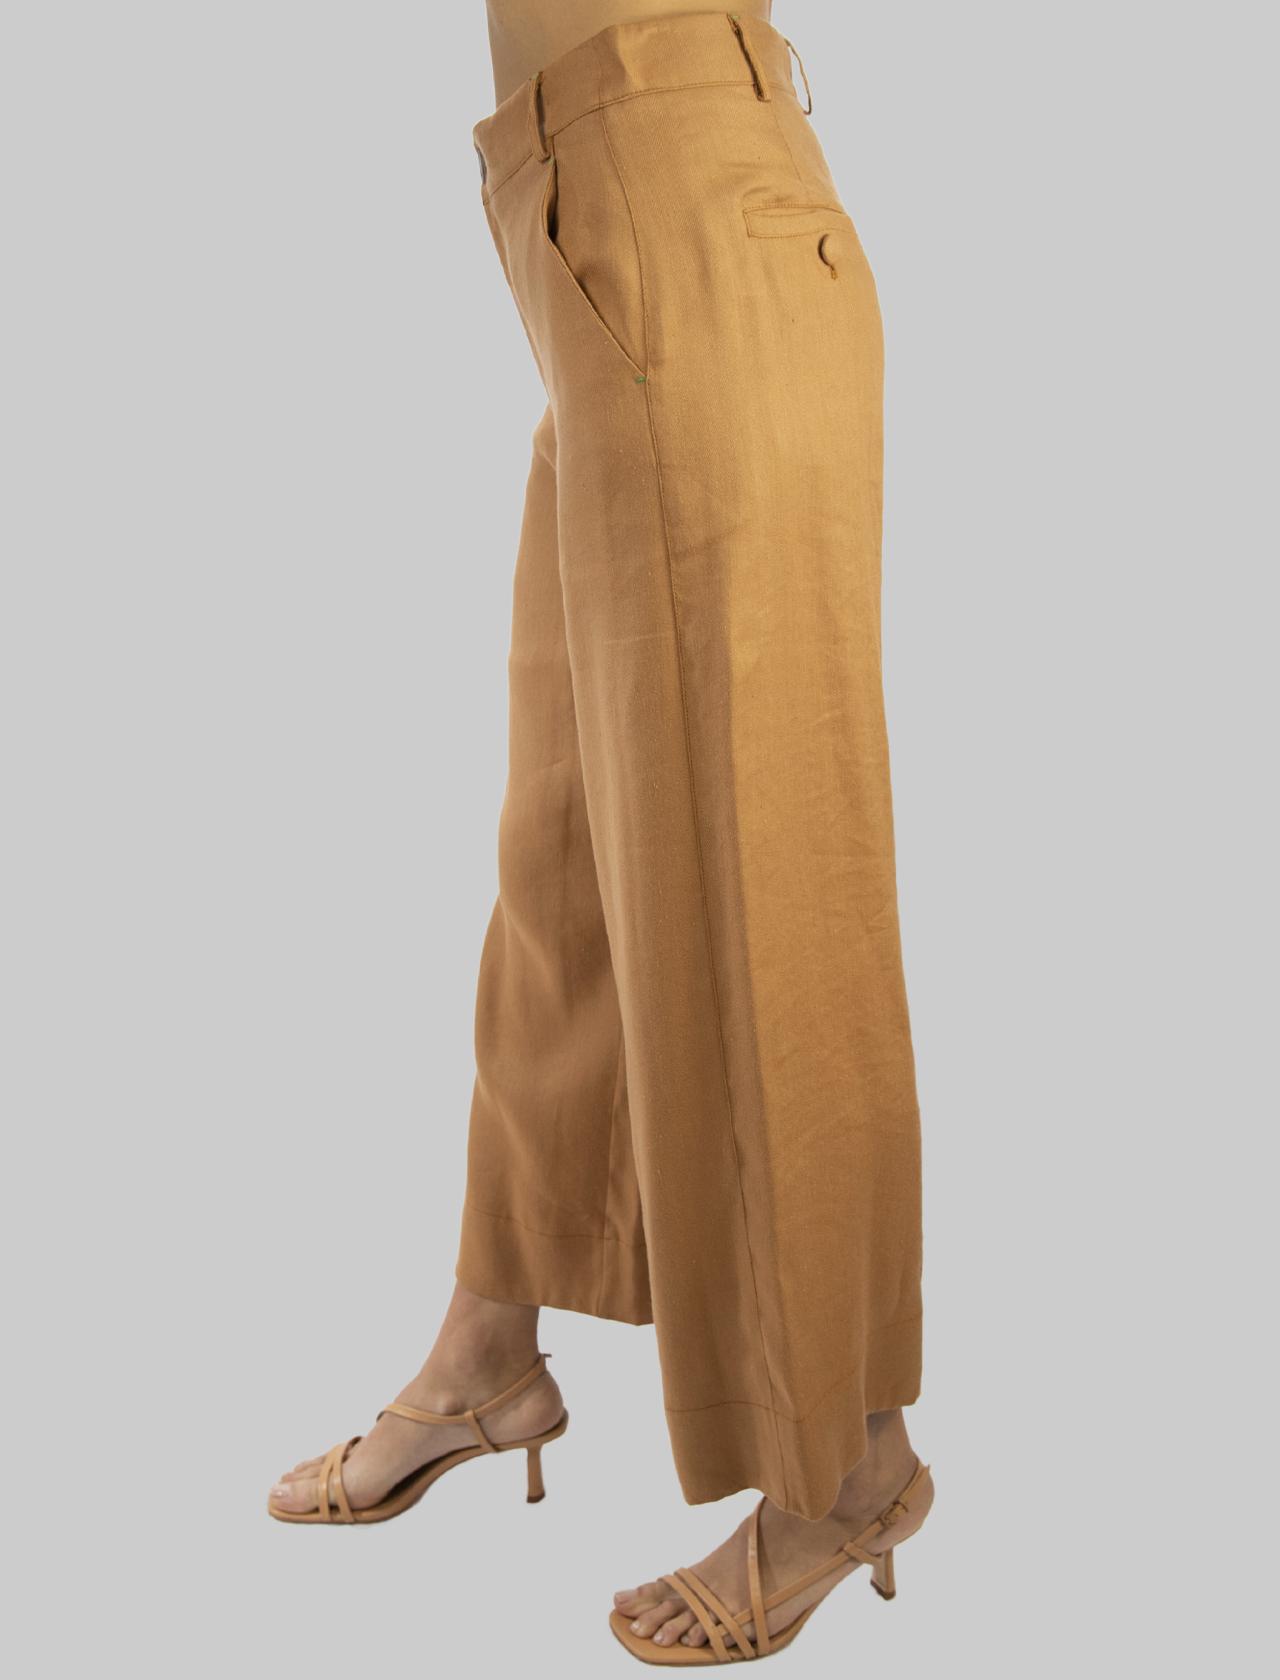 Abbigliamento Donna Pantalone Diagonal Linen con Gamba Ampia in Lino Ocra Maliparmi | Gonne e Pantaloni | JH74664007812021